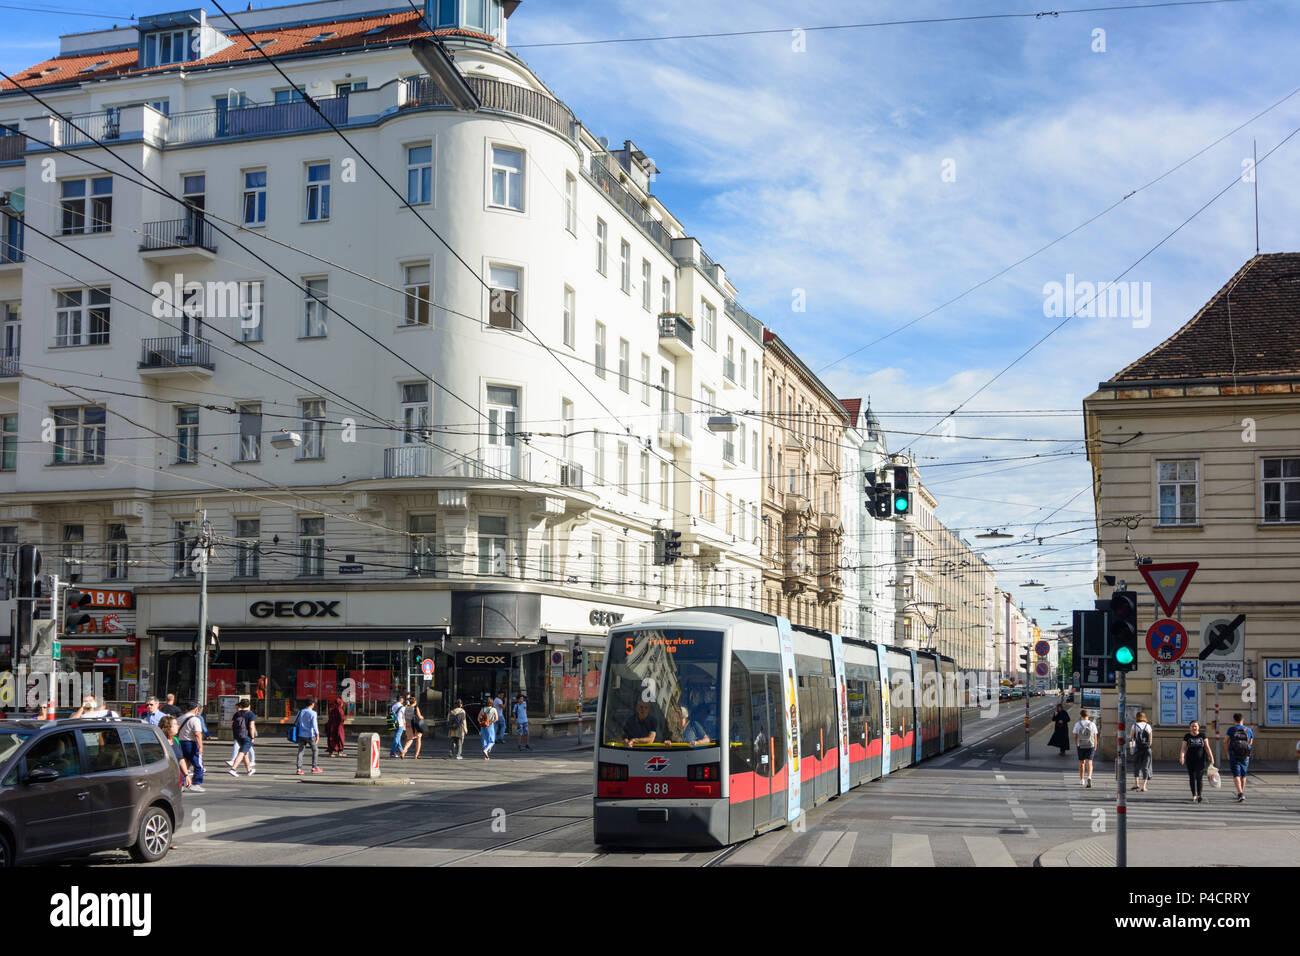 Vienne, carrefour Spitalgasse / Alser Straße, 09. Alsergrund, Wien, Autriche Photo Stock